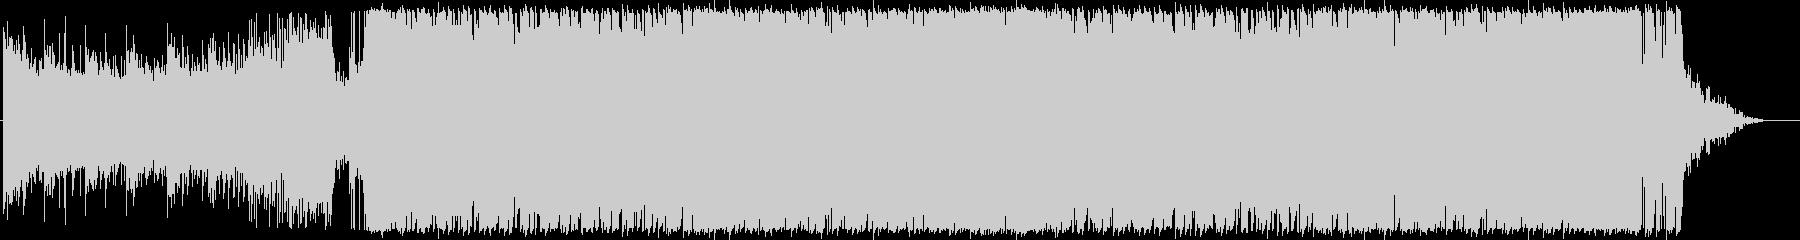 ジングル - ハイテンションの未再生の波形